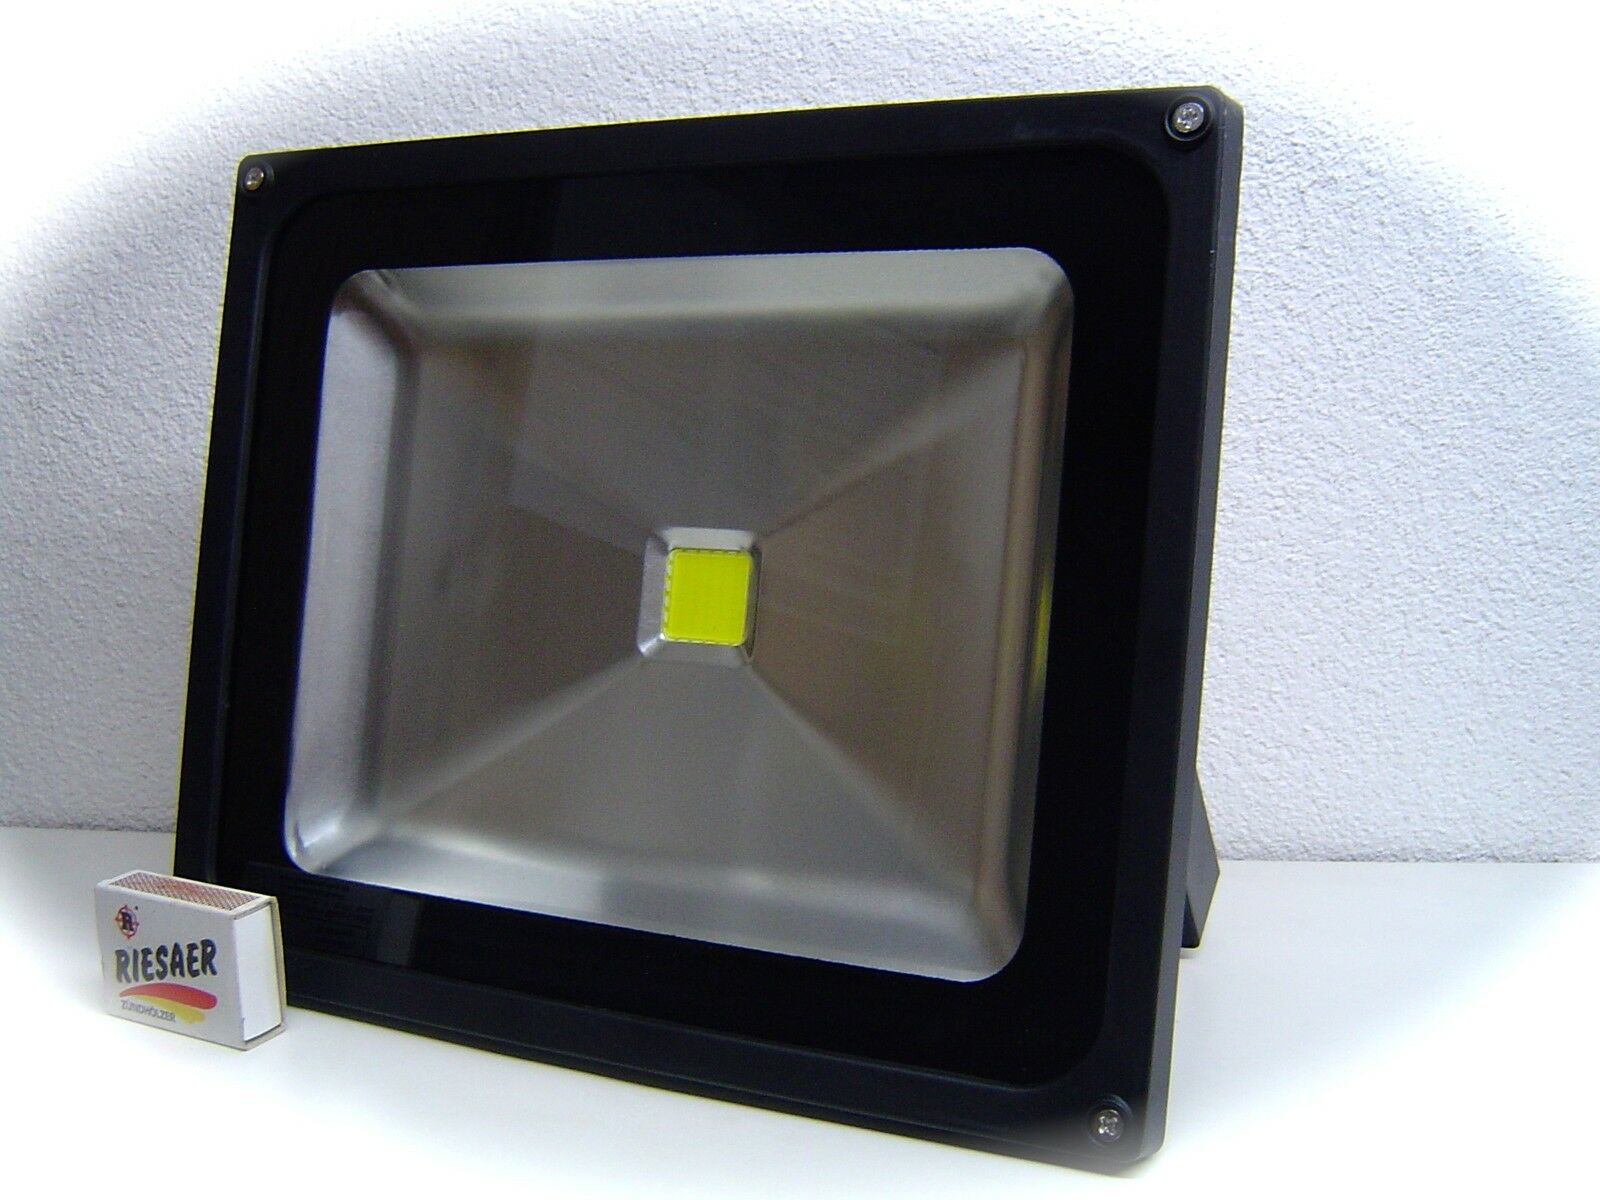 Enorme 50 Vatios SMD LED Reflector Foco de Reflexión Luz Proyectores IP65 2500